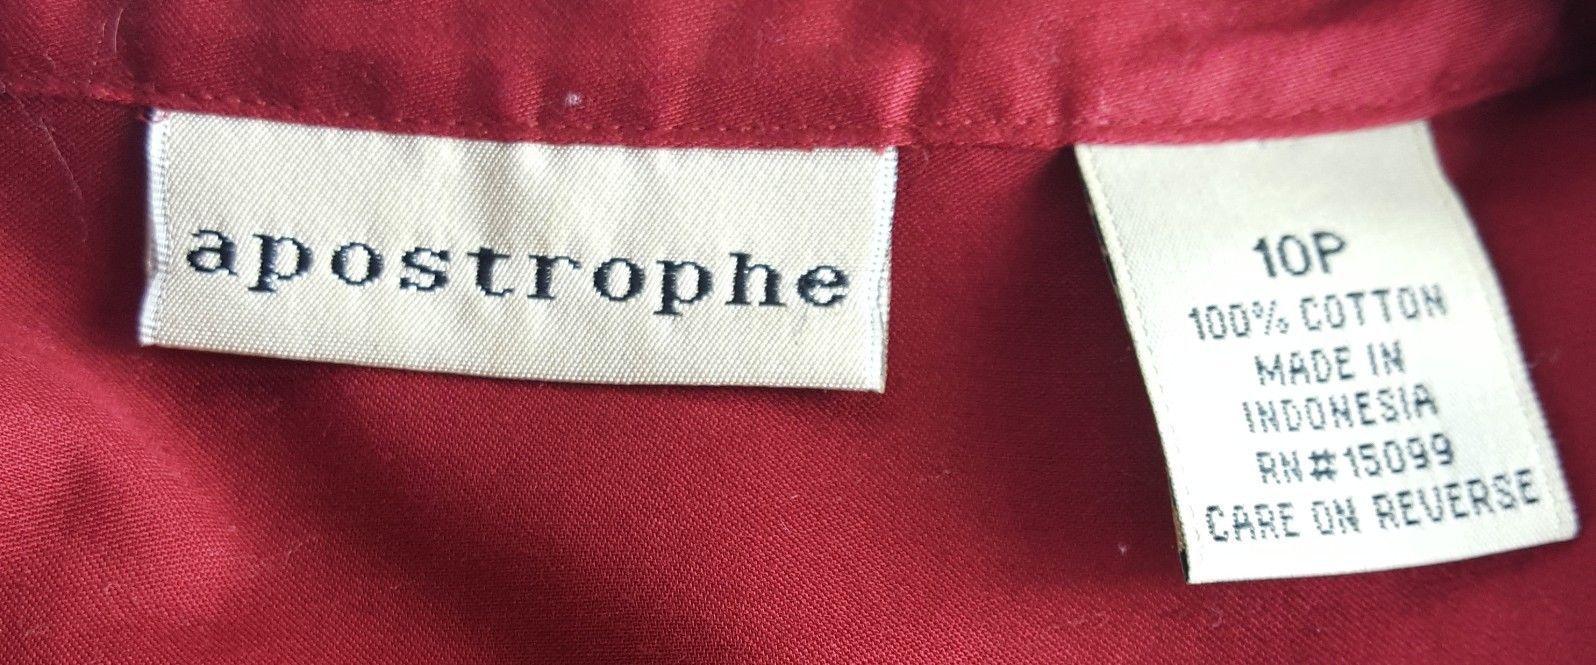 Apostrophe Womens Size 10 Petite EUC Button Down Burgundy 3/4 Sleeve 100% cotton